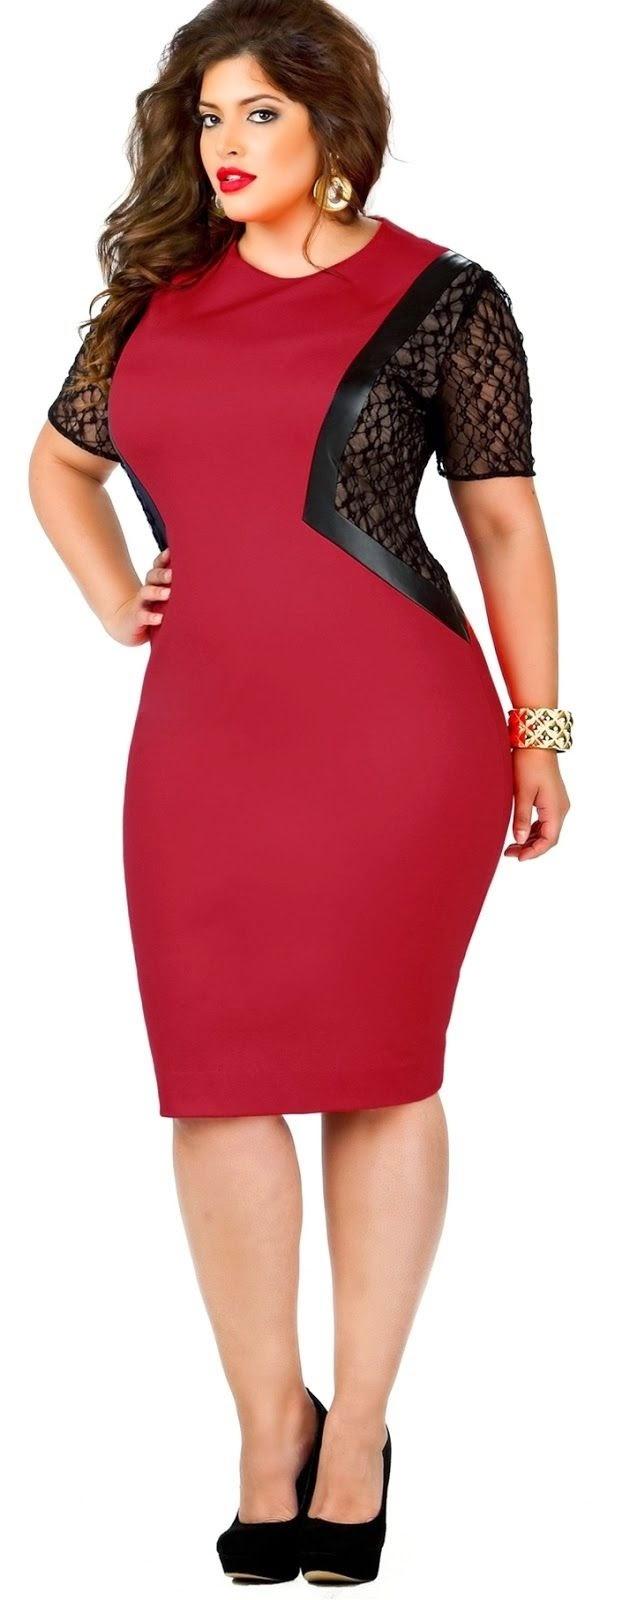 Vestido rojo y negro ajustado Vestidos para Nochevieja a lo grande